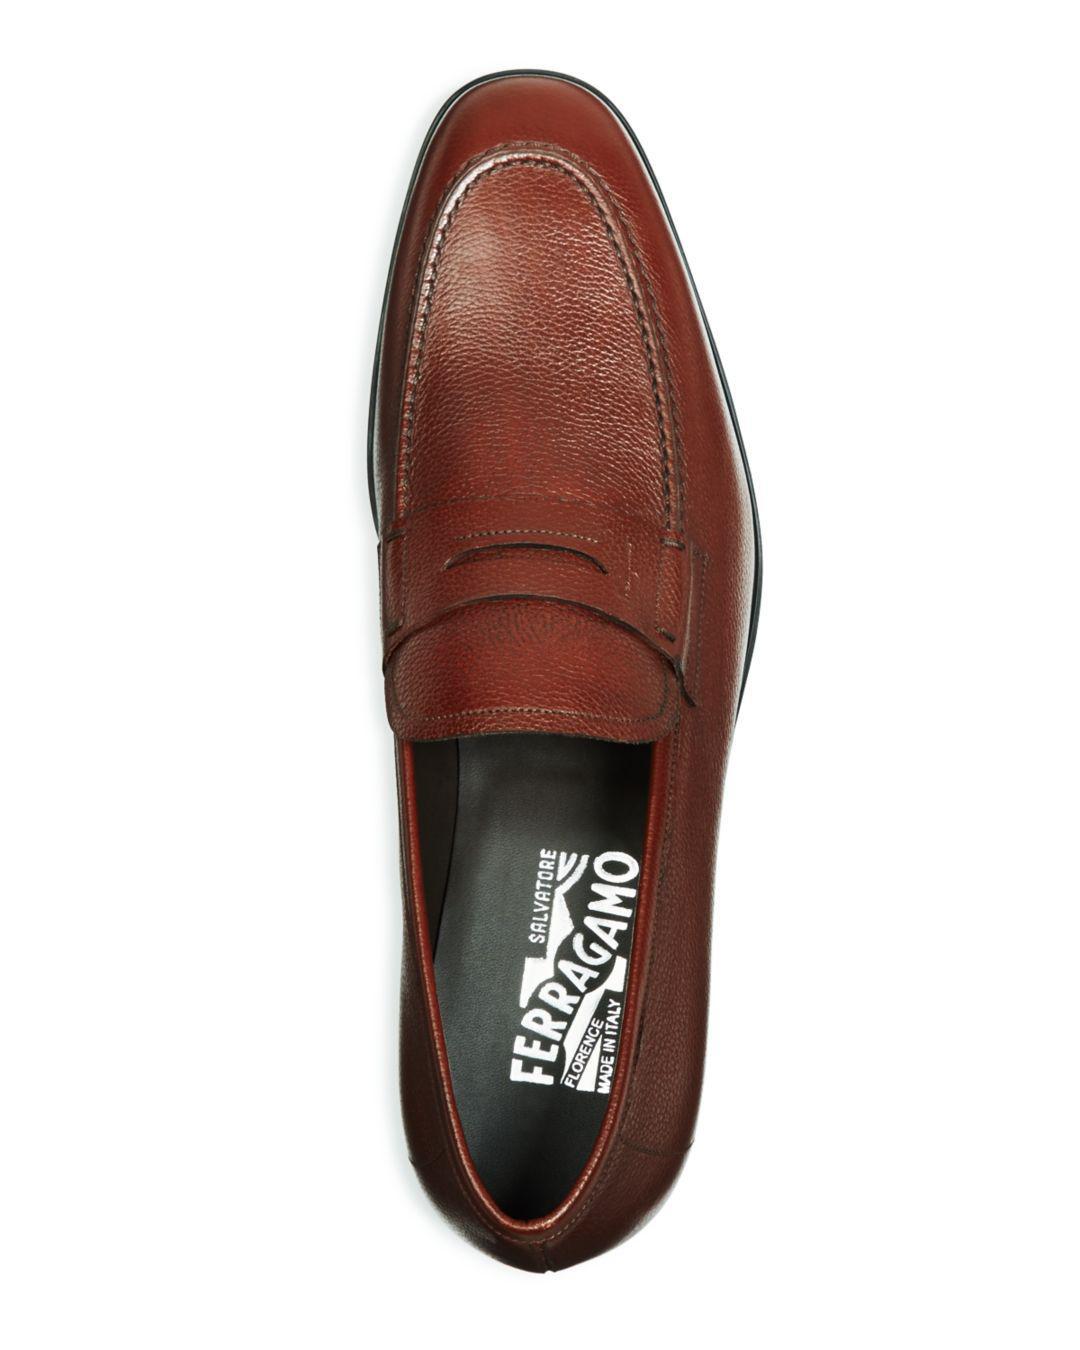 0e0e671c000 Lyst - Ferragamo Fiorino 2 Loafers in Brown for Men